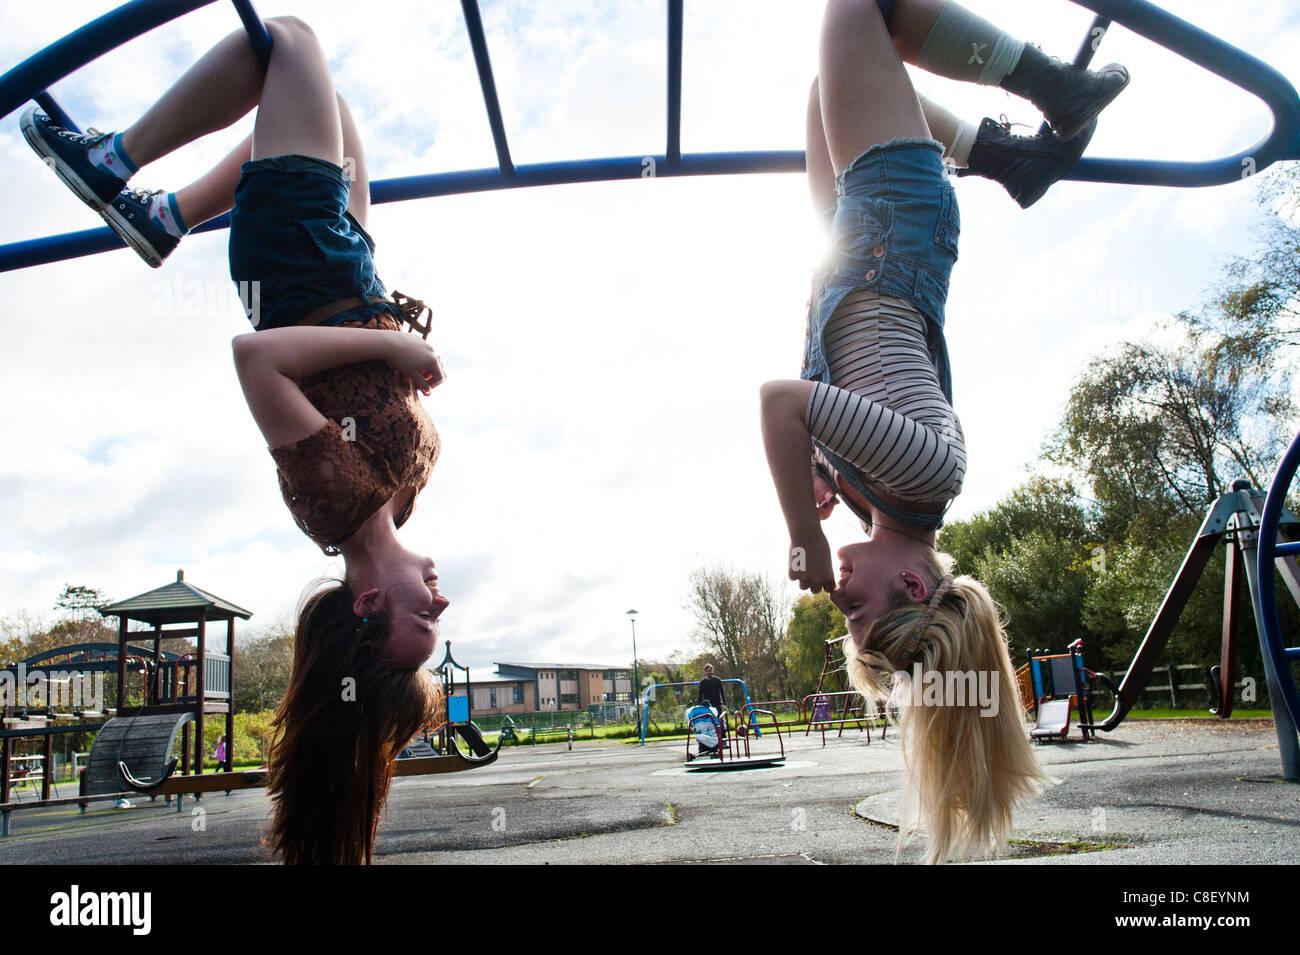 To 16 17 år gamle teenagepiger, hængende på hovedet på en Stock Photo 39667088 - Alamy-4008